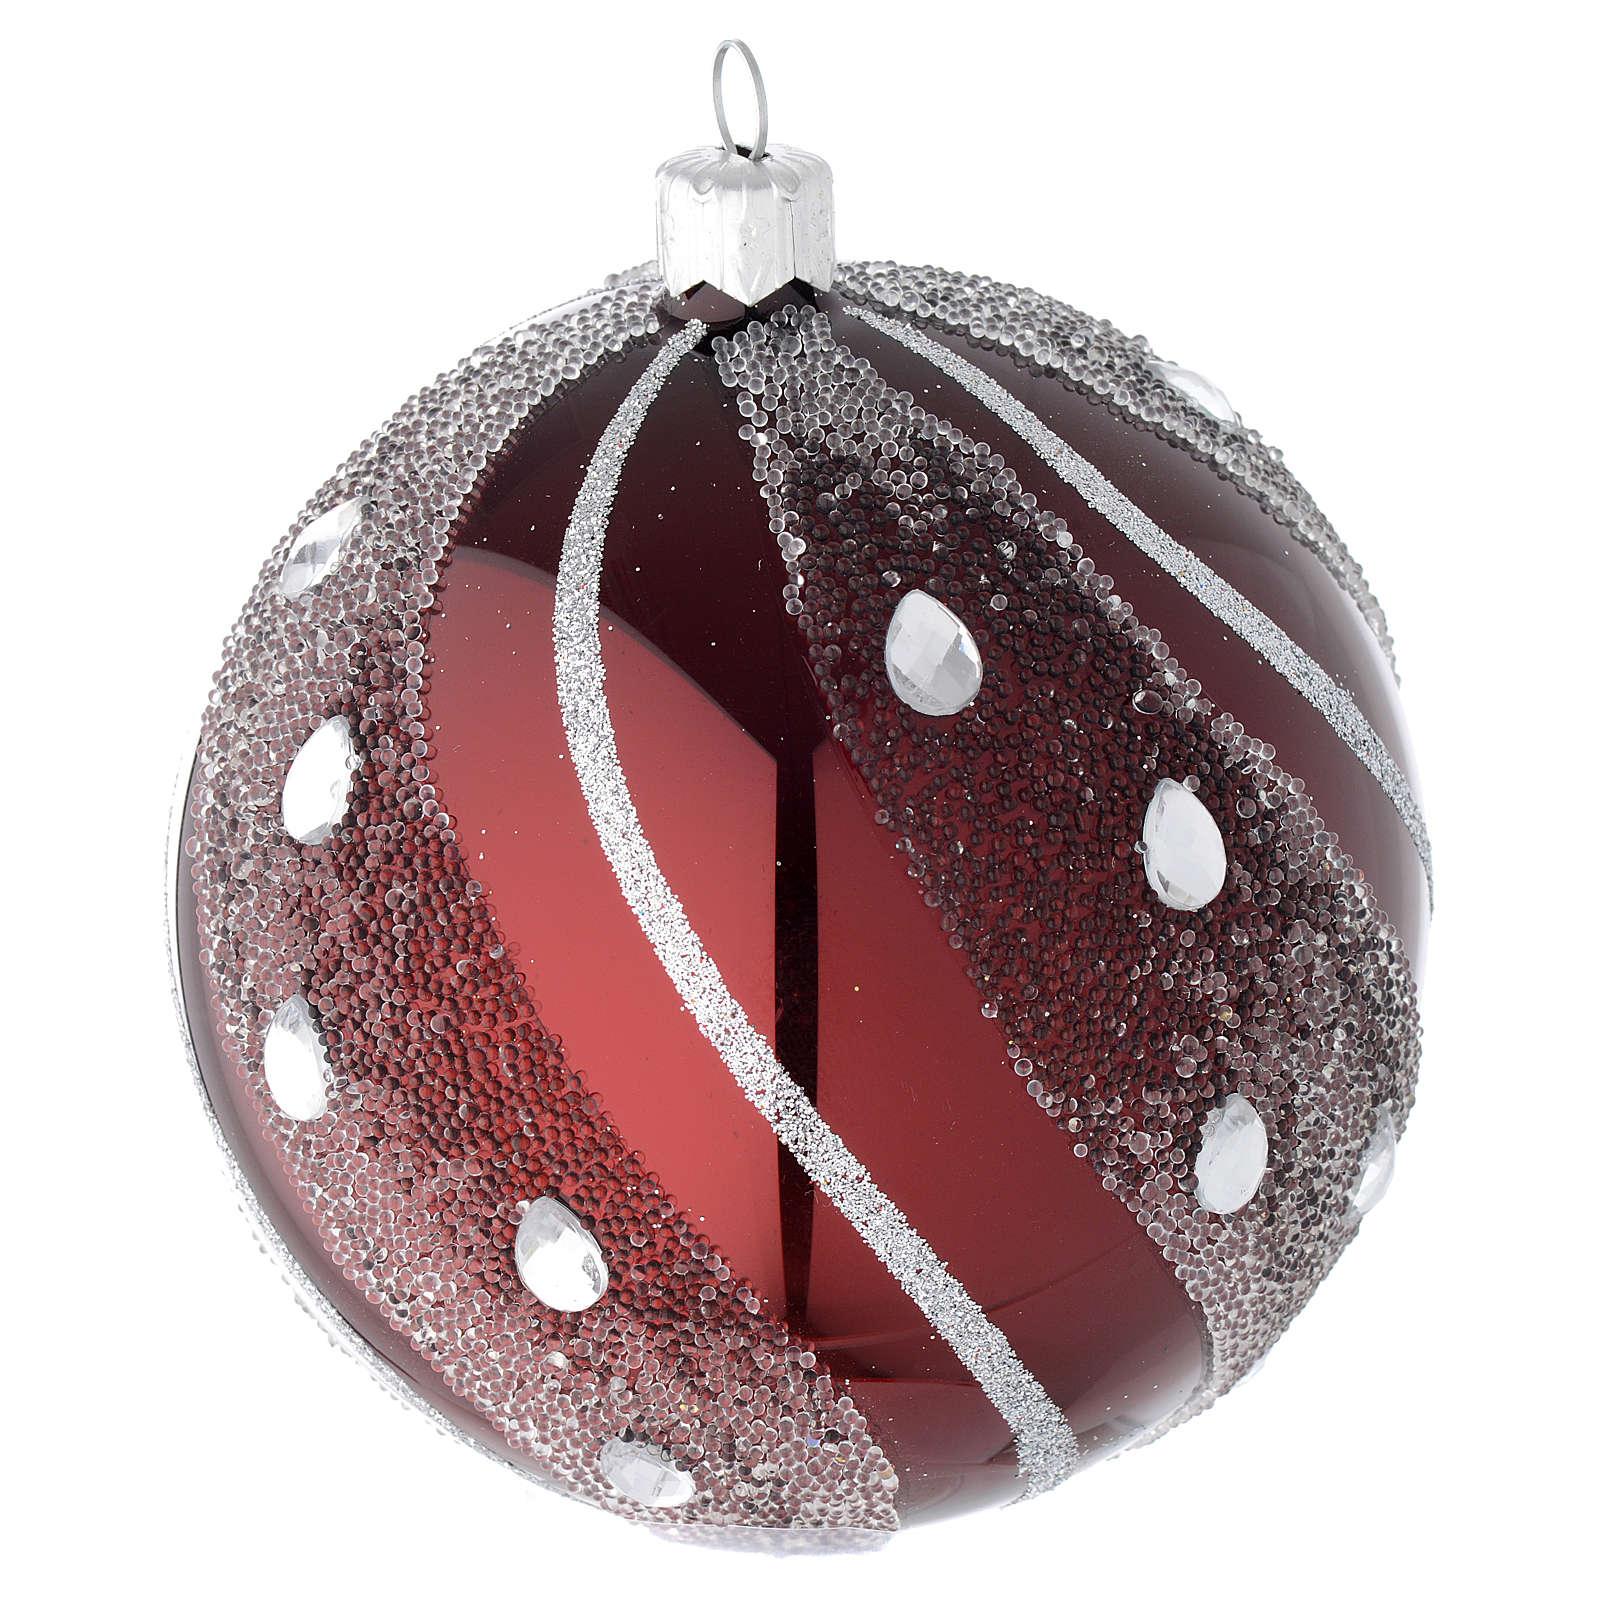 Ornement Noël sapin en verre bordeaux et argent 100 mm 4